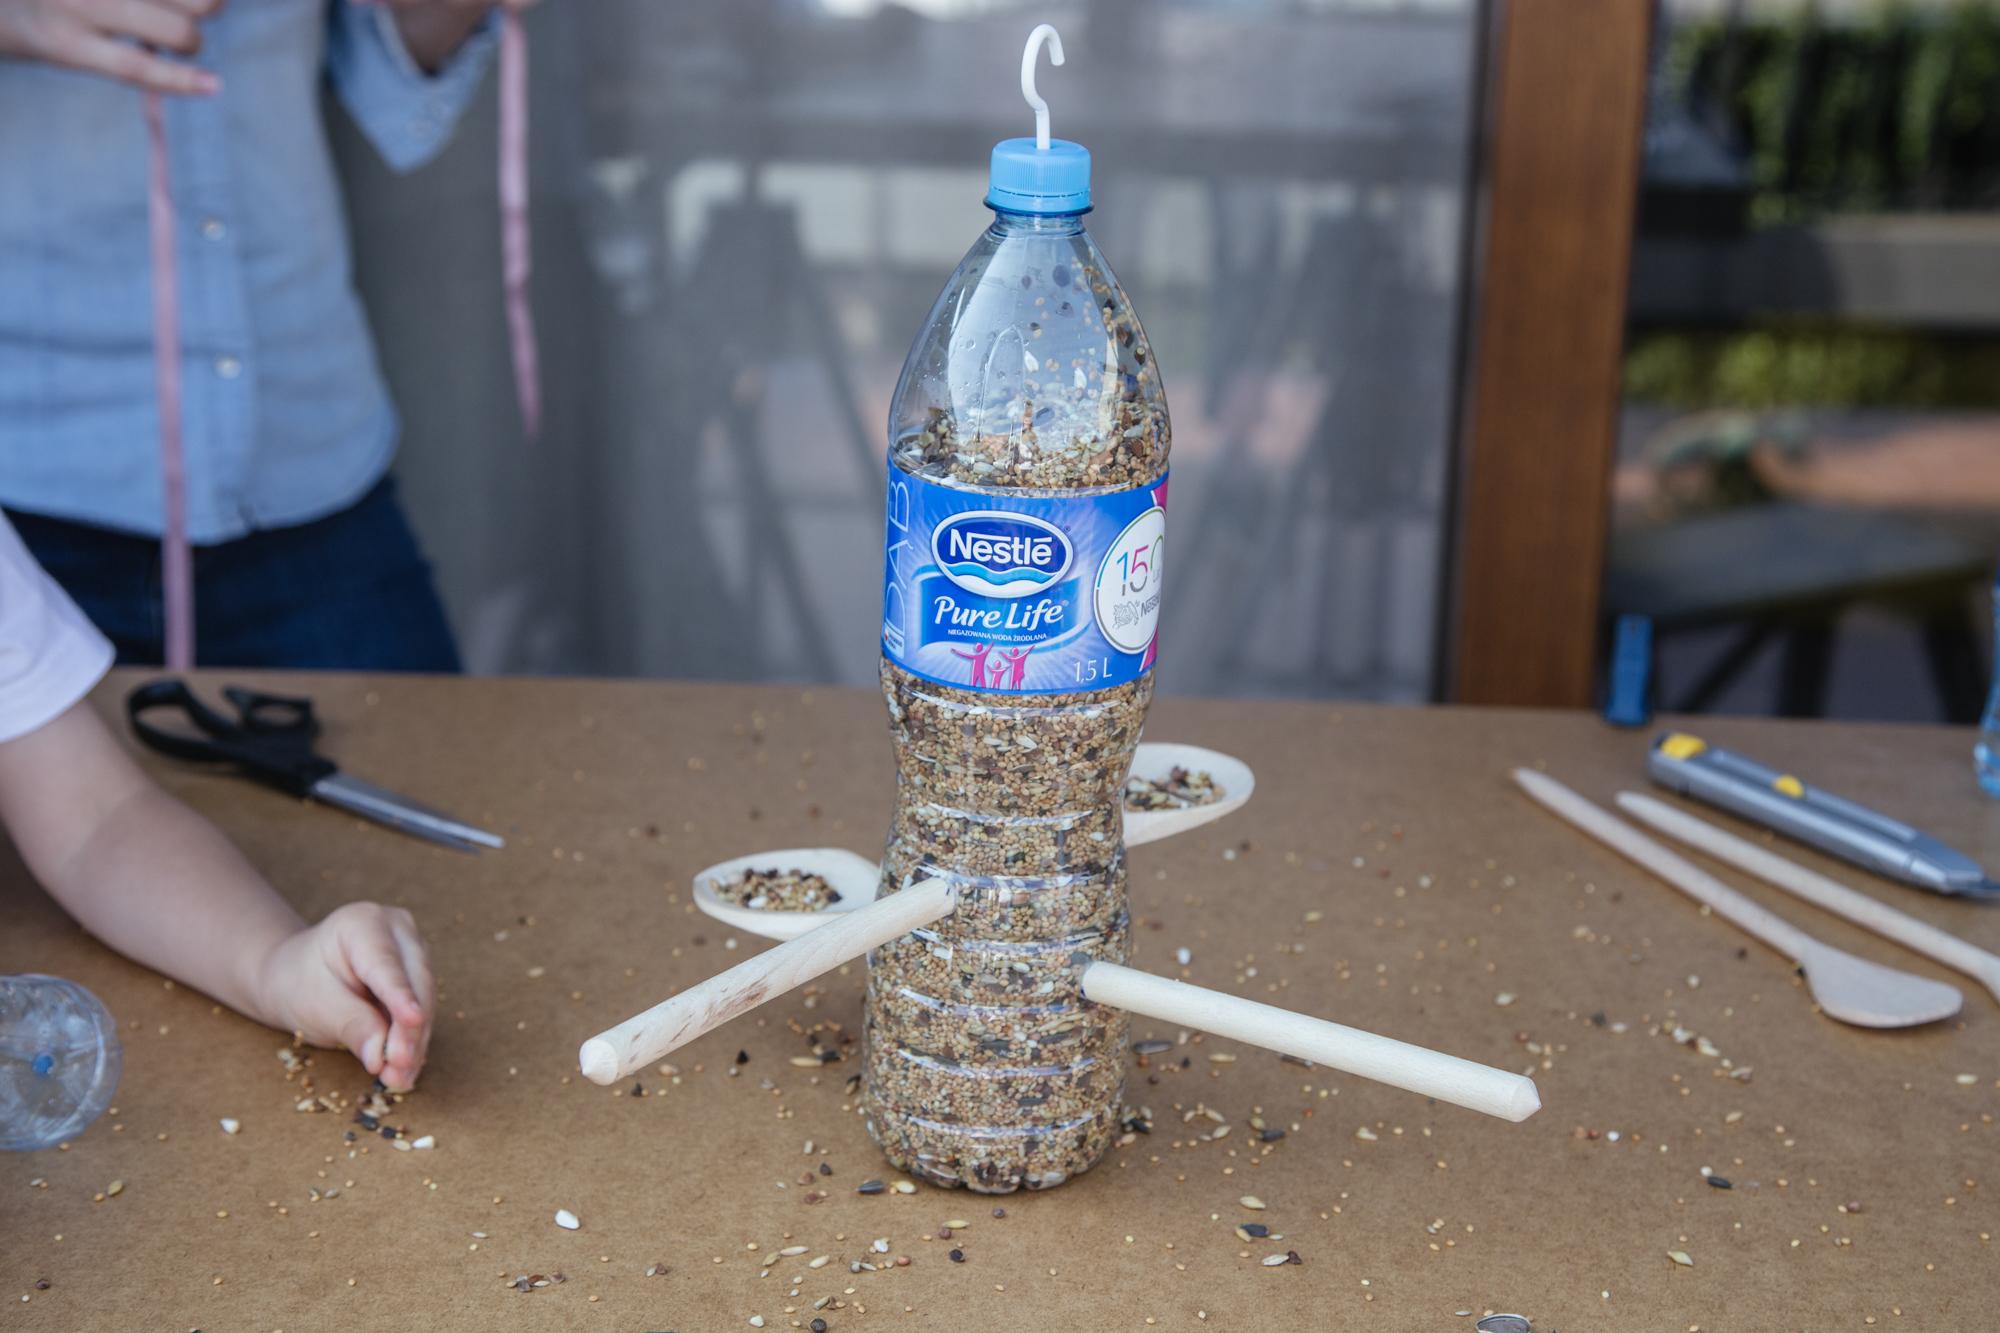 Jak Zrobic Karmnik Dla Ptakow Z Butelki Plastikowej Szczesliva80